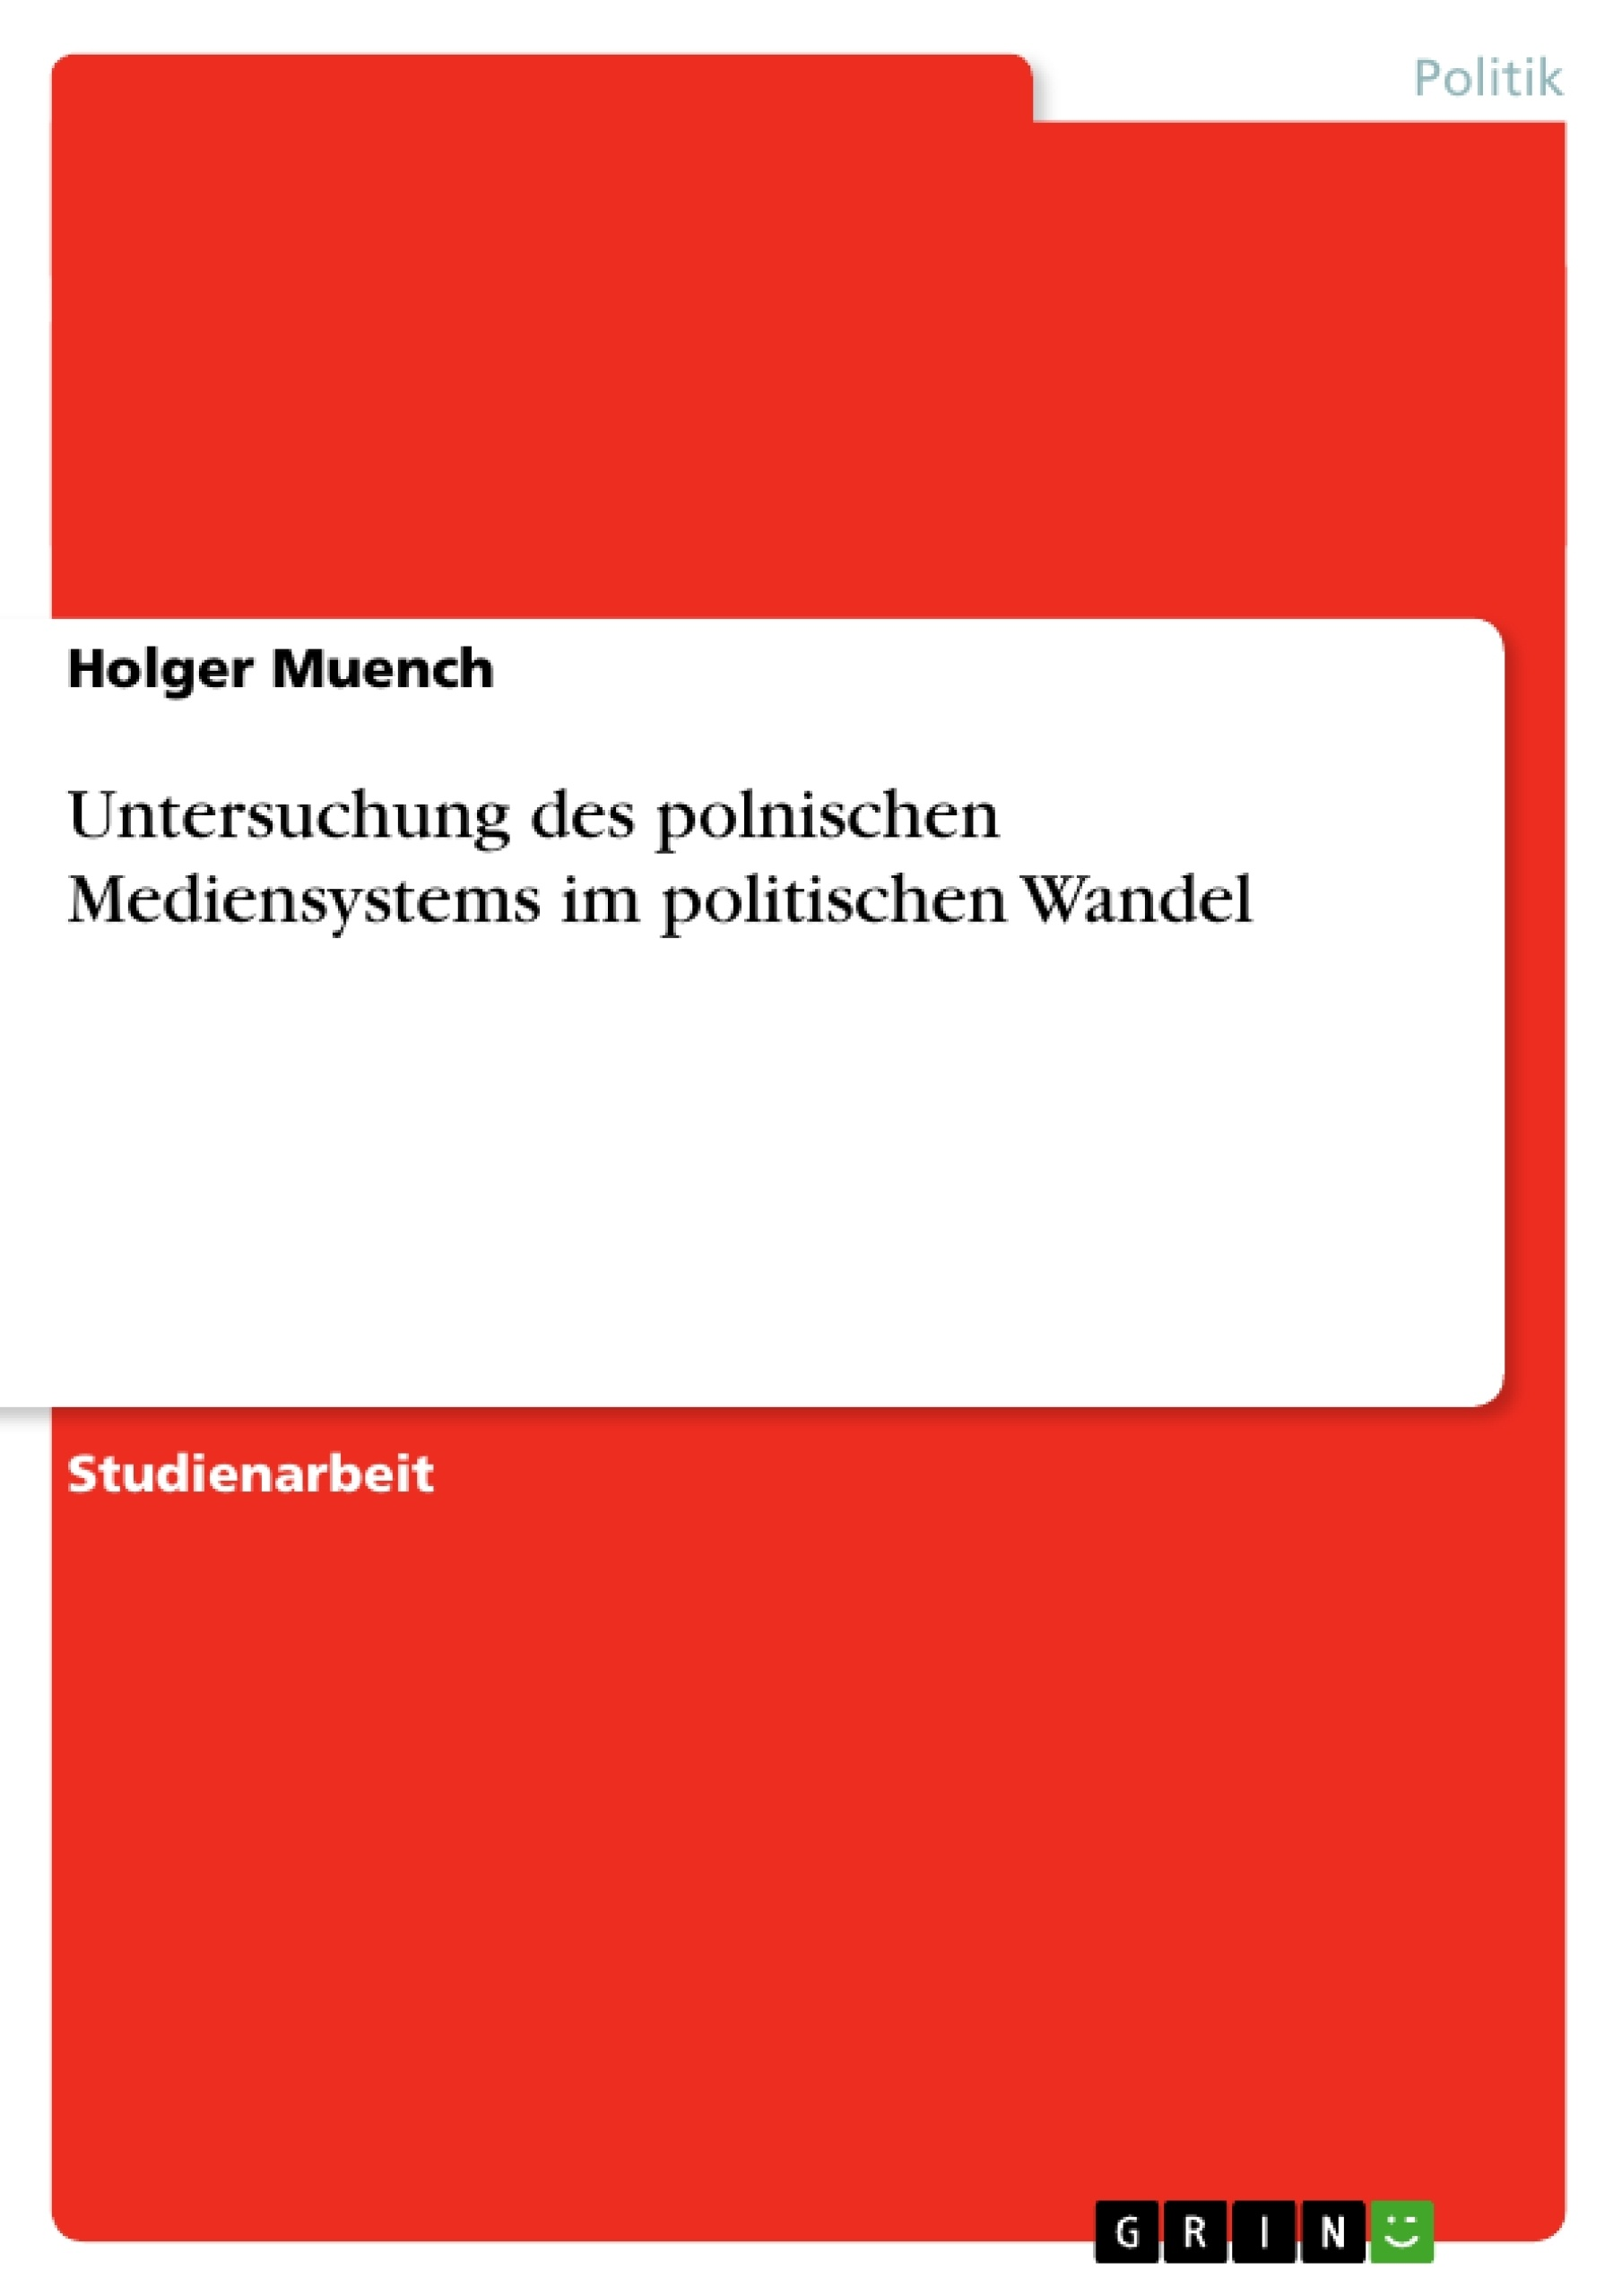 Titel: Untersuchung des polnischen Mediensystems im politischen Wandel